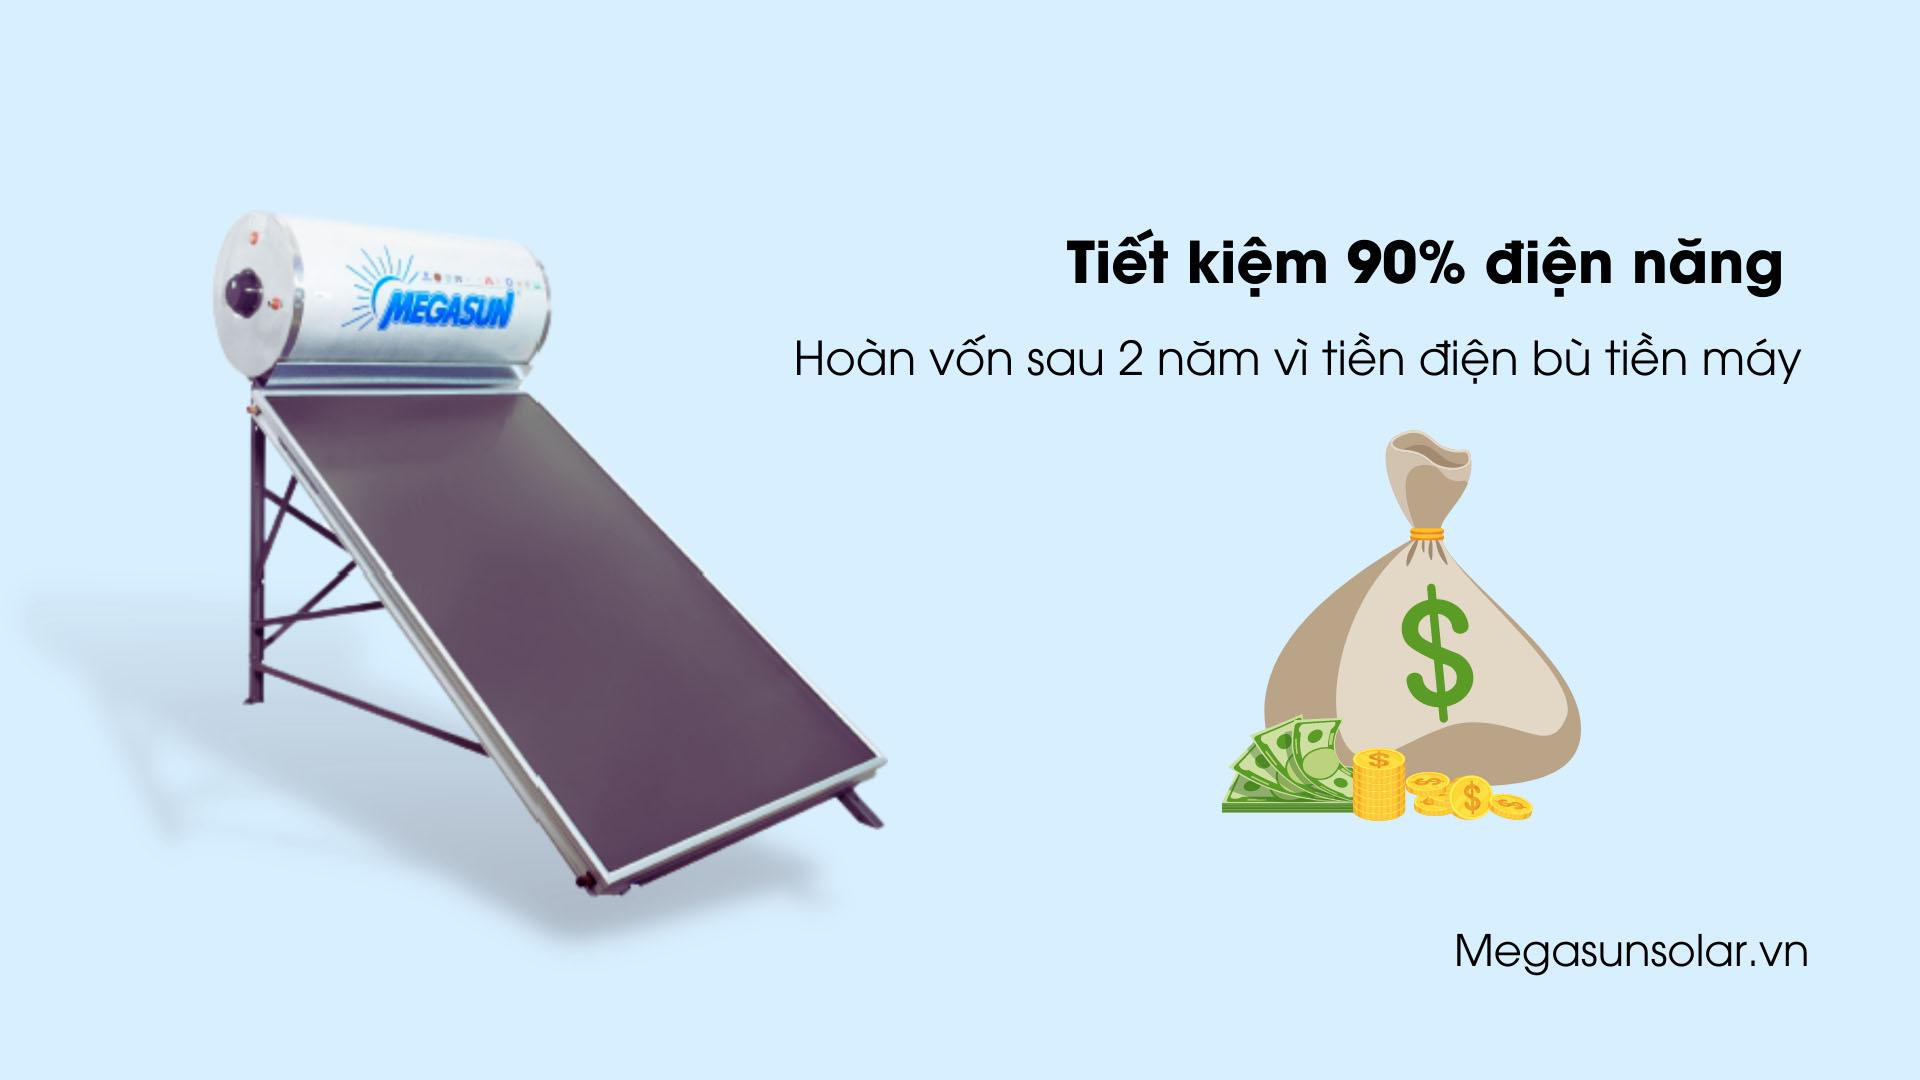 Máy nước nóng tấm phẳng năng lượng mặt trời Megasun